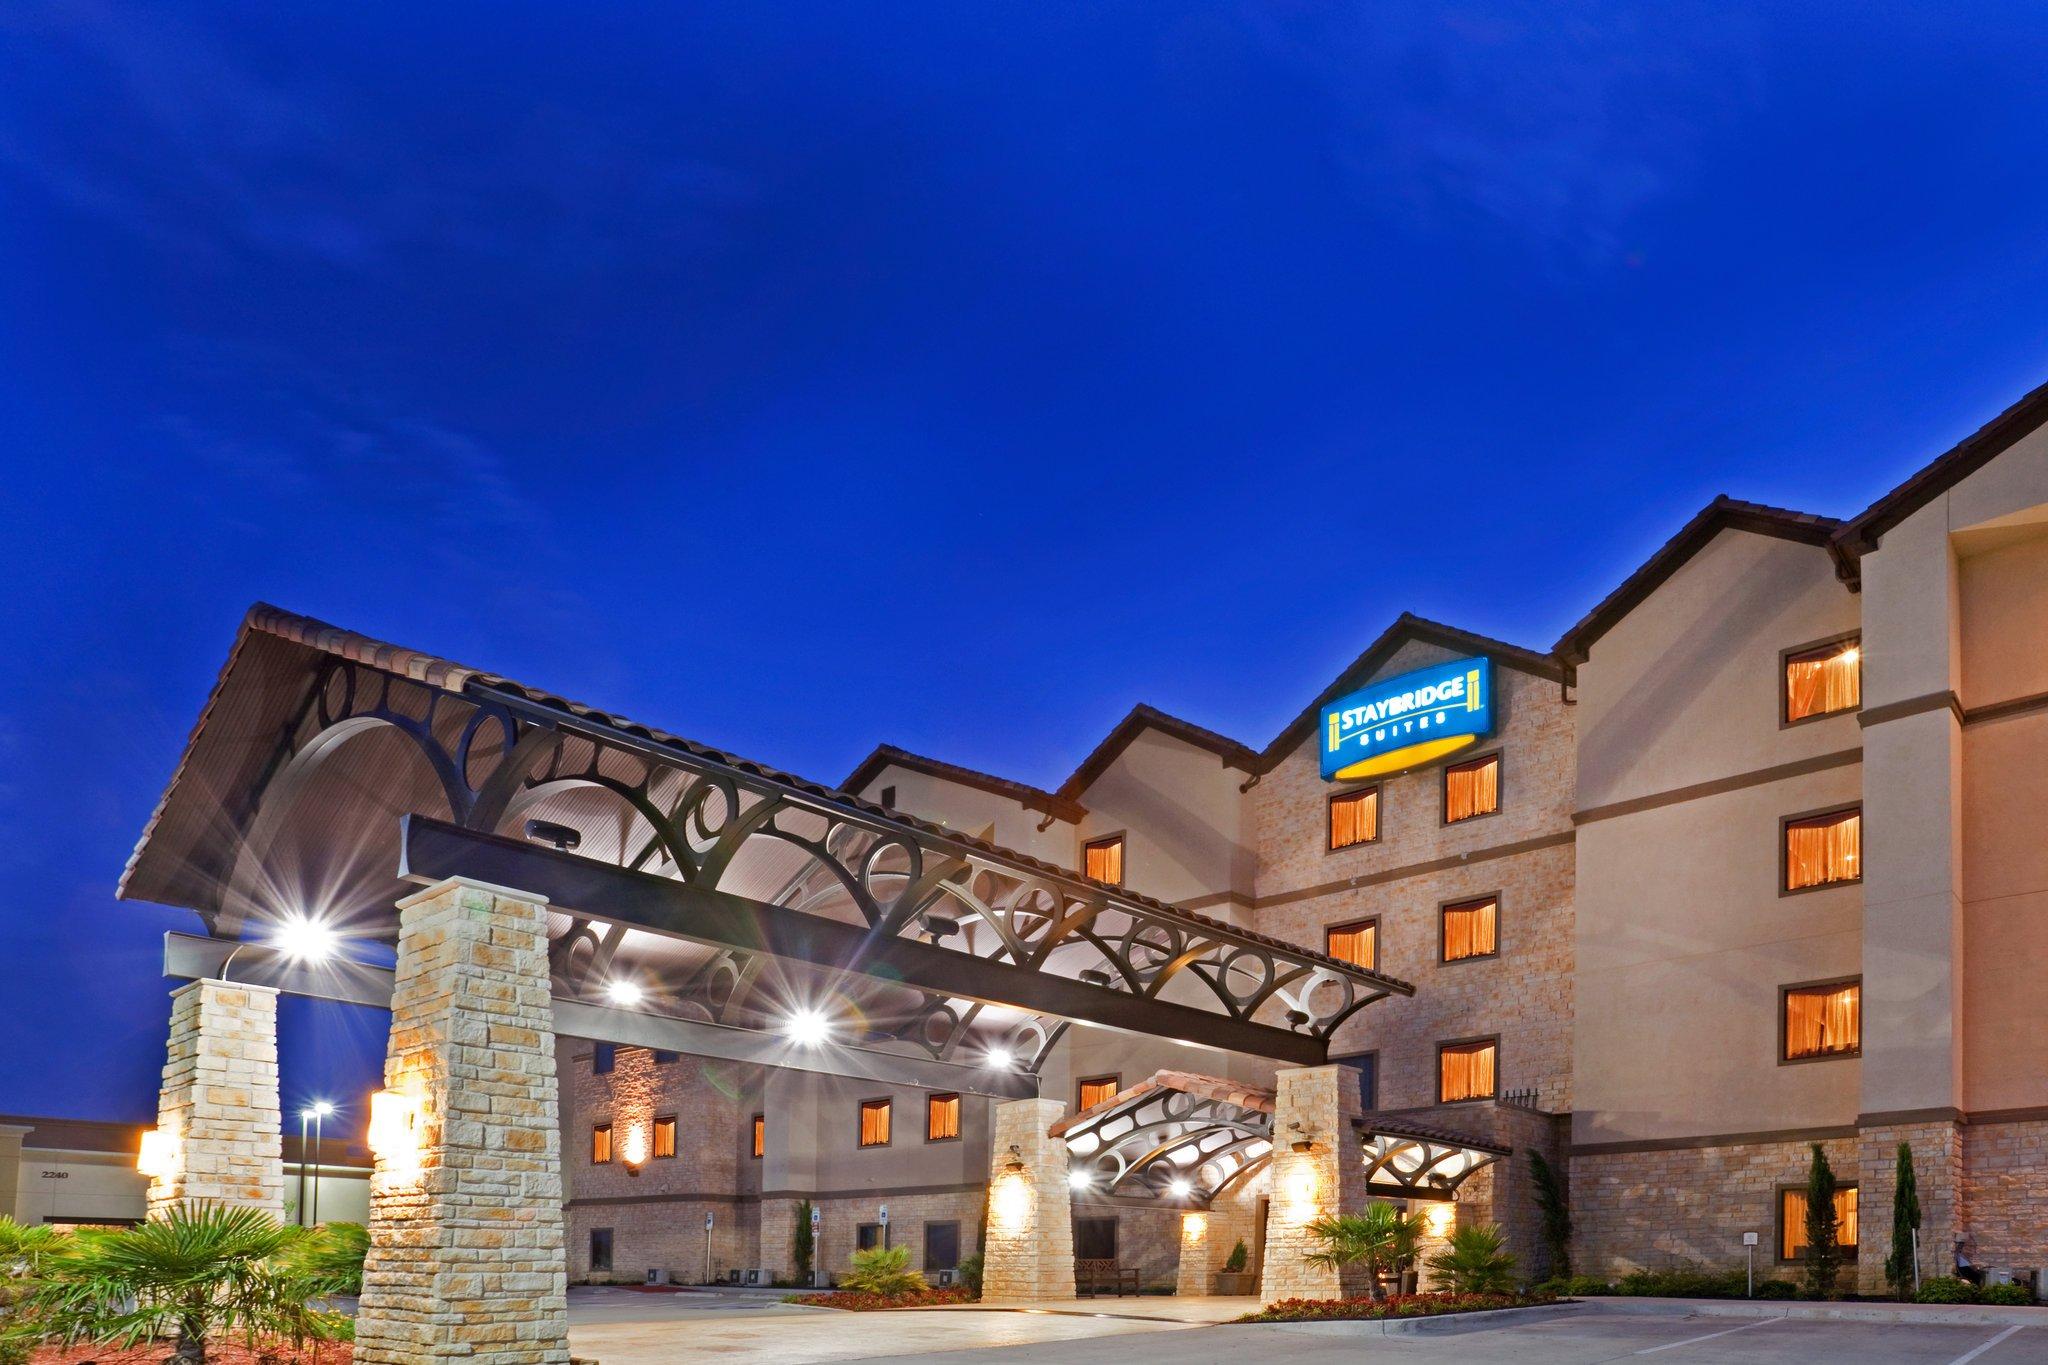 ステイブリッジ スイーツ Dfw エアポート ノース ホテル